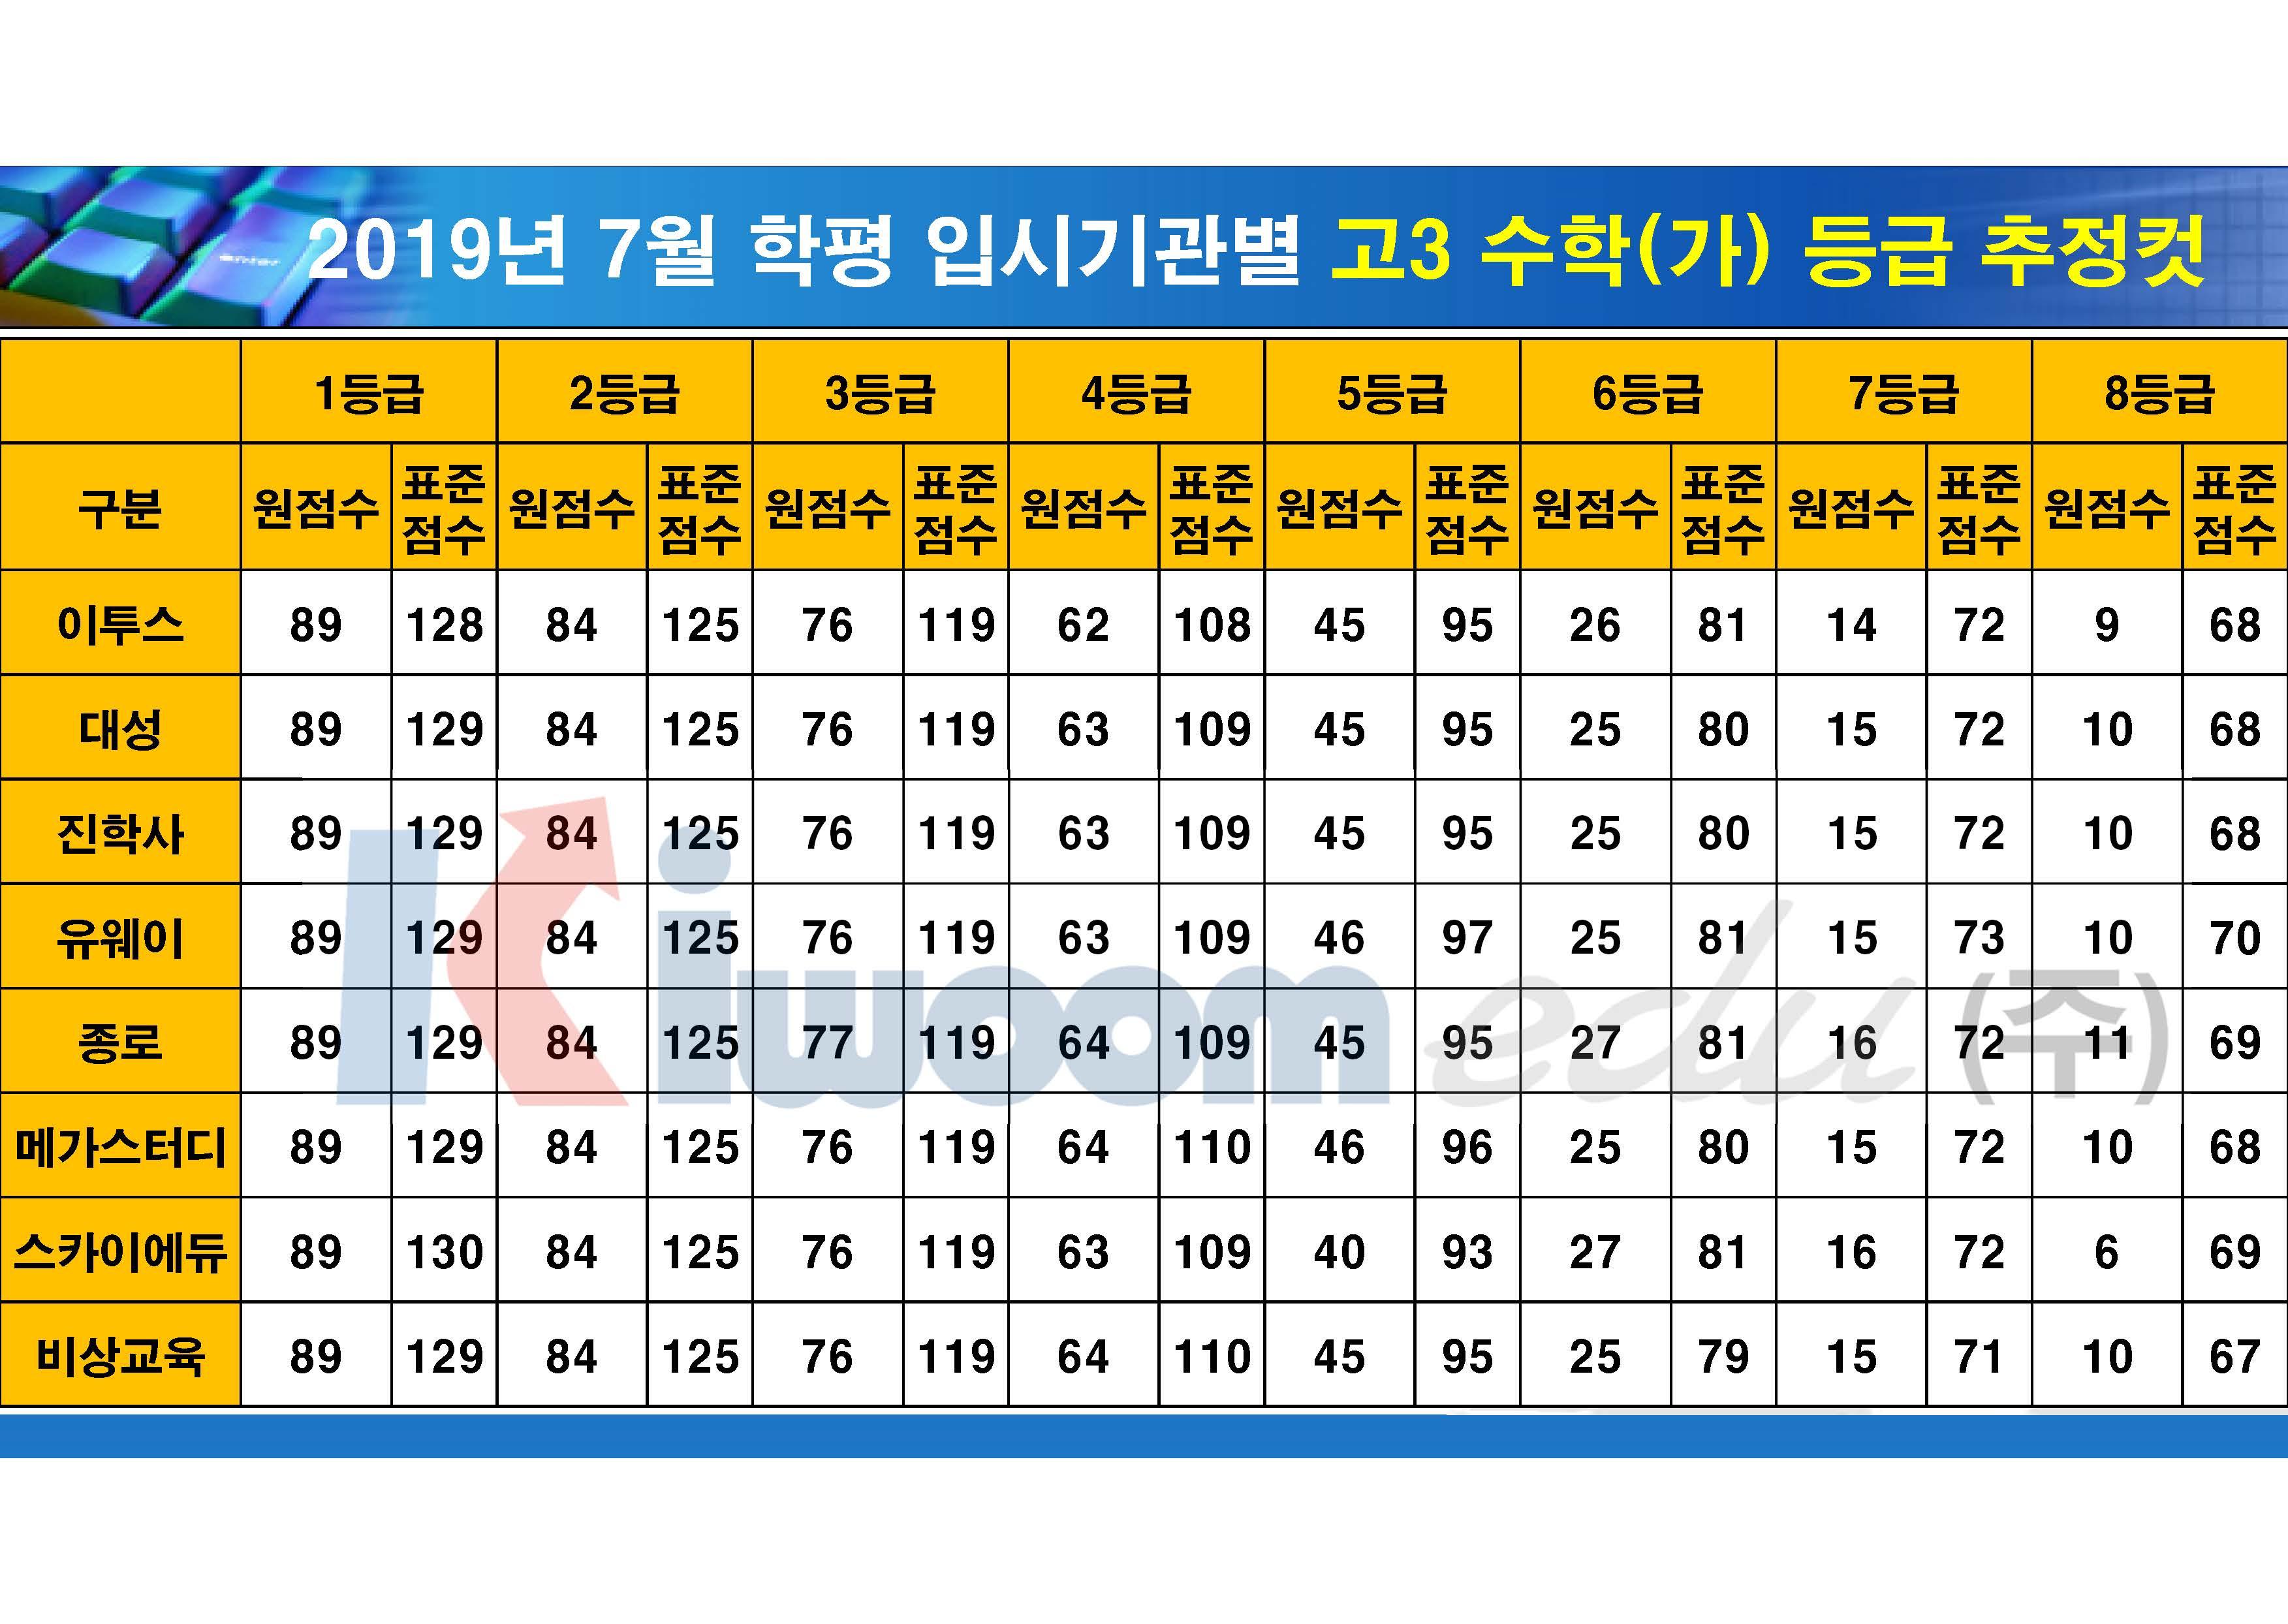 2019 7월 모의고사 입시기관별 등급컷(고3)_20190711_안지훈#1(16시 30분 기준)_Page_04.jpg